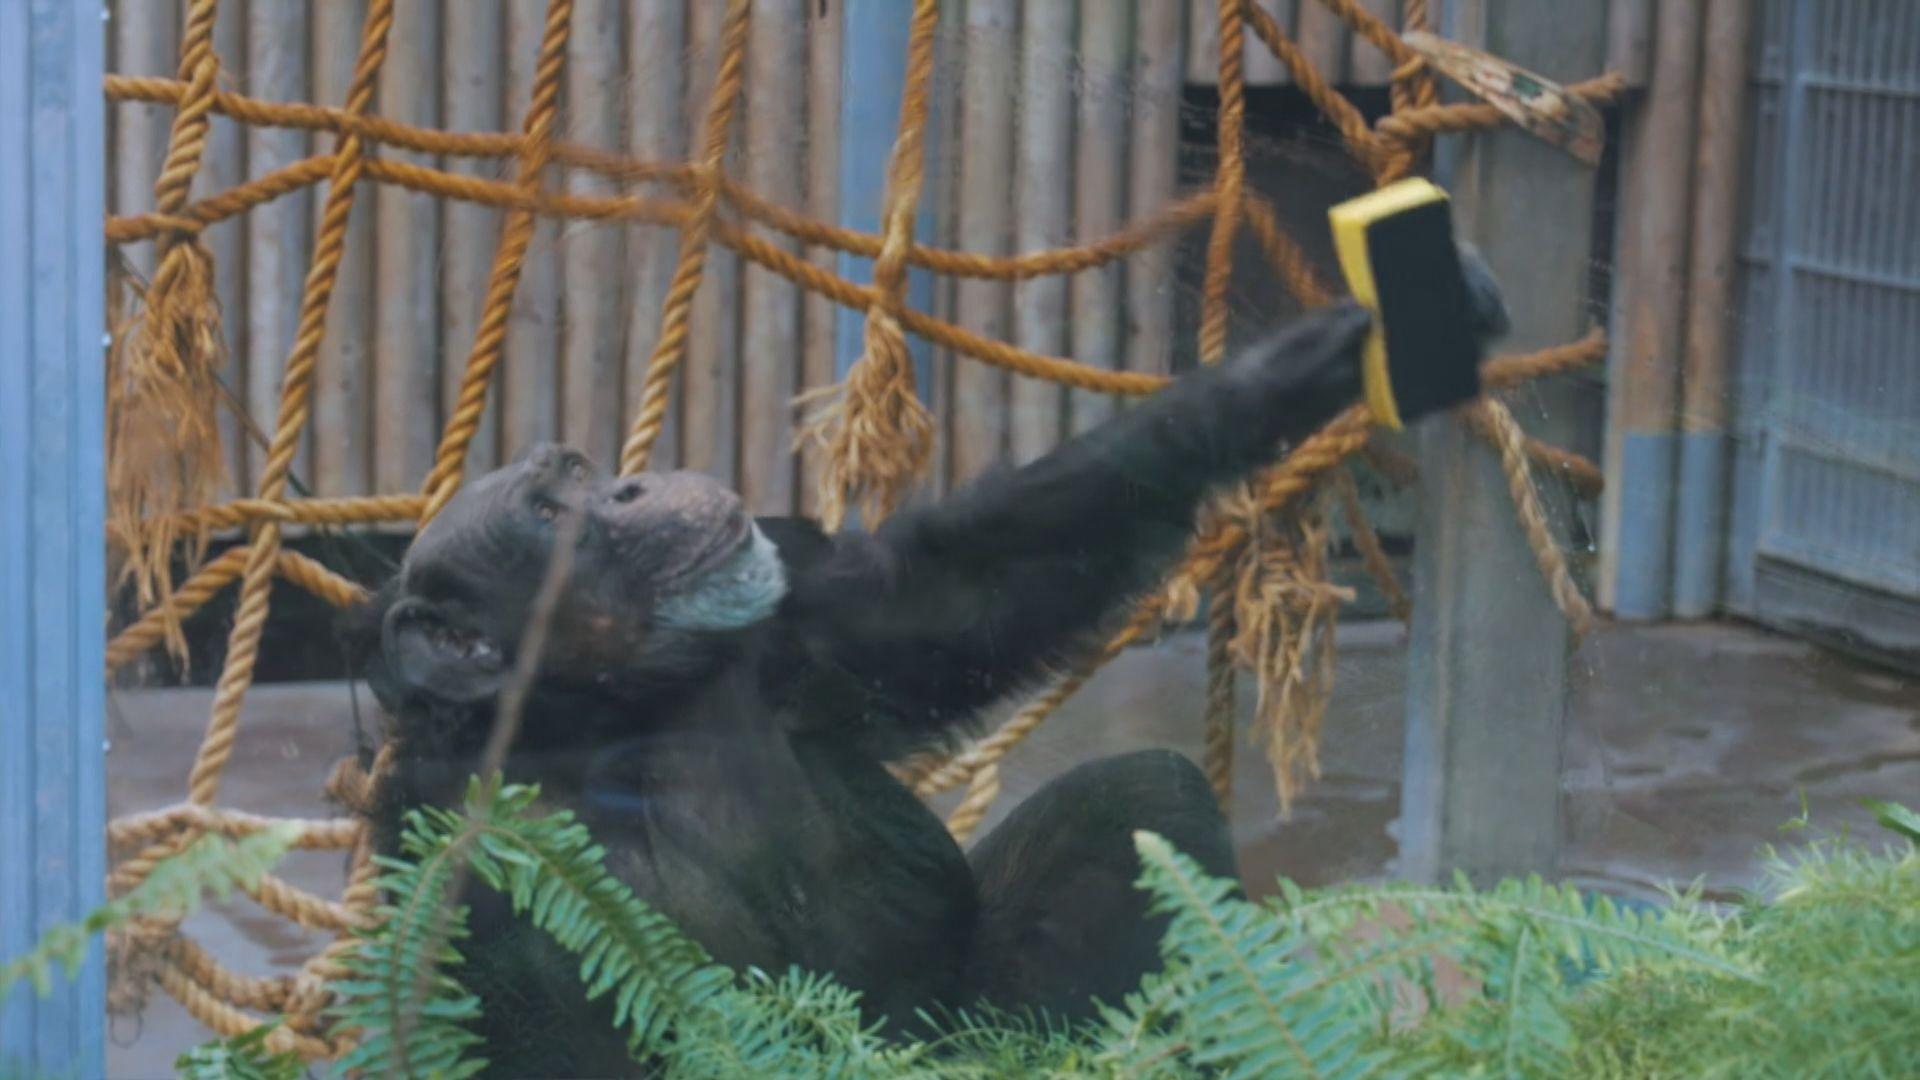 愛沙尼亞動物園大猩猩打掃籠舍